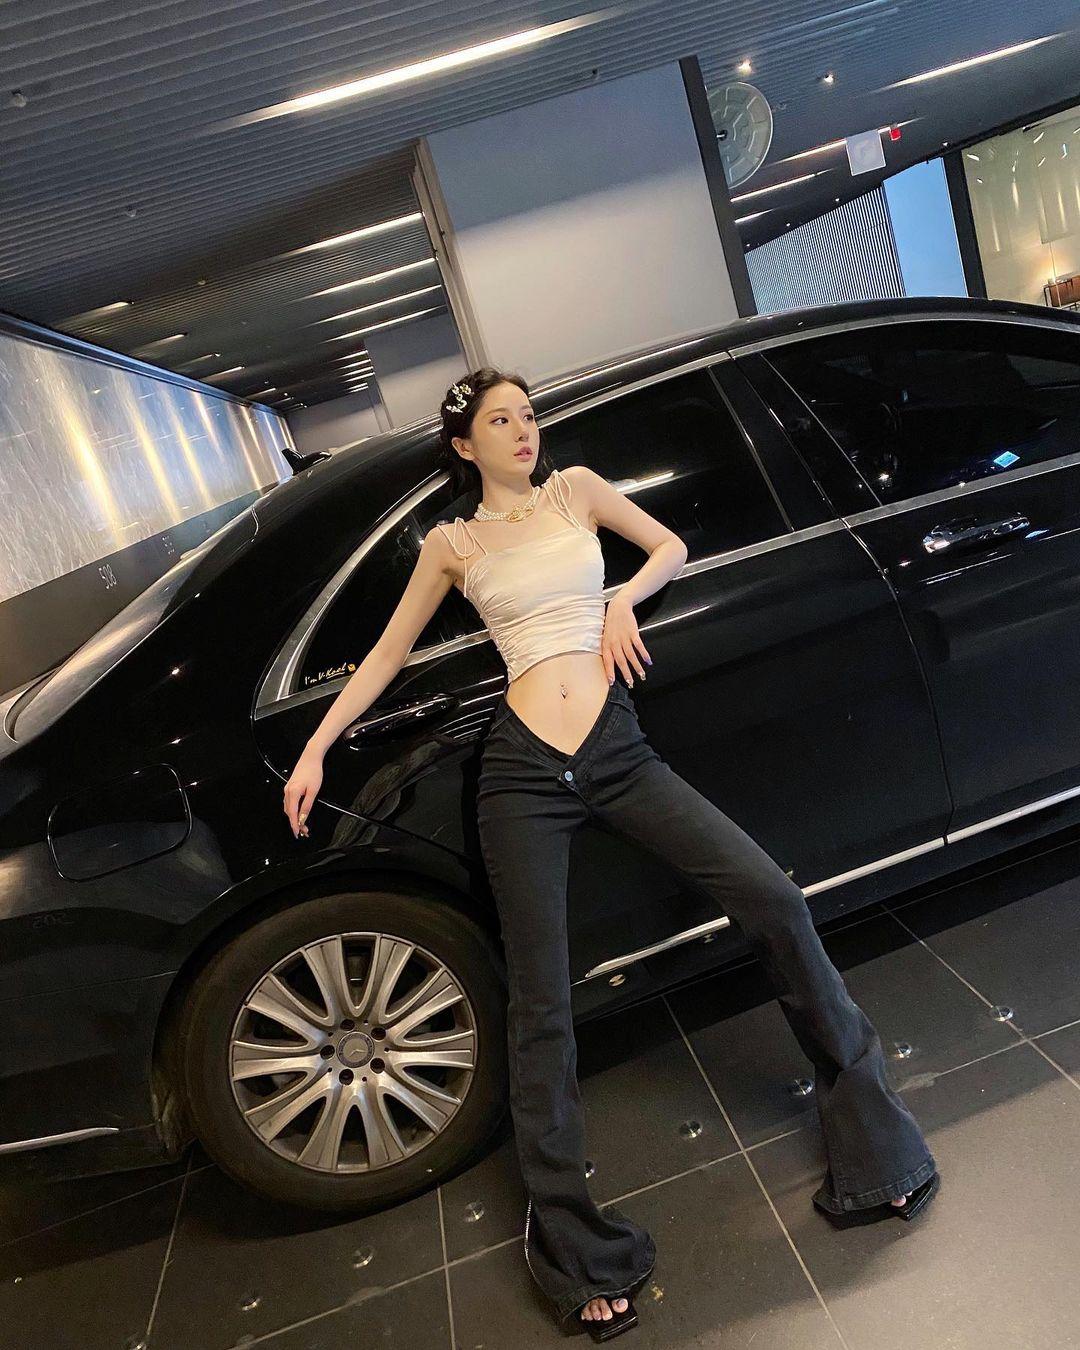 """Nàng giám đốc Đài Loan chuyên mặc kiểu đồ """"trắc nết"""", hở vẫn được khen thời thượng - hình ảnh 9"""